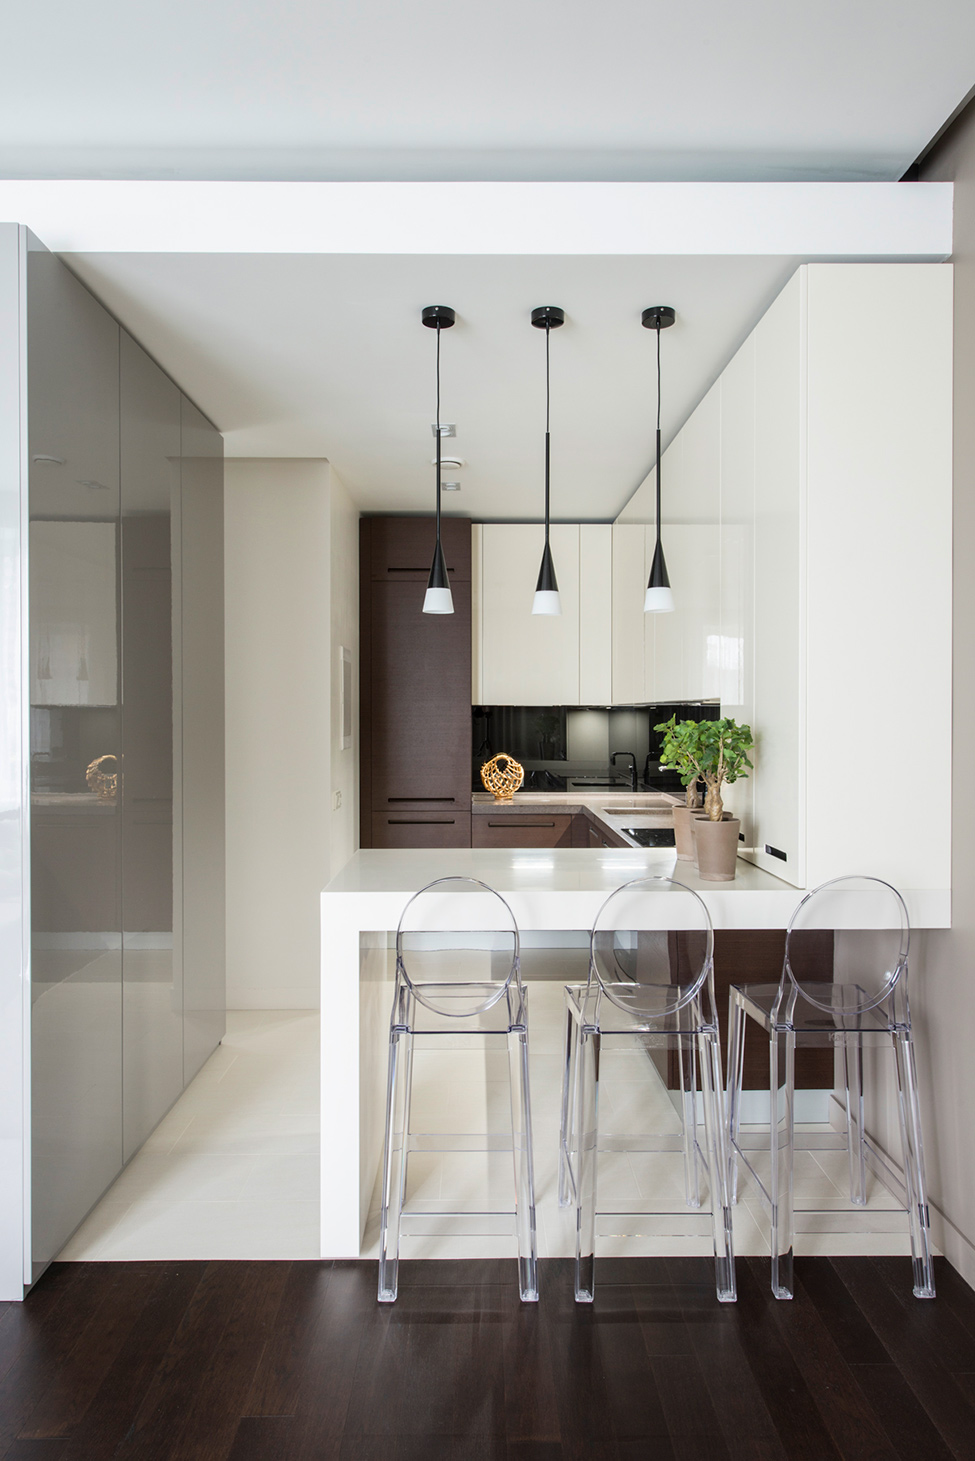 apartament-s-minimalistichen-interior-ot-aleksandra-fedorova-7g